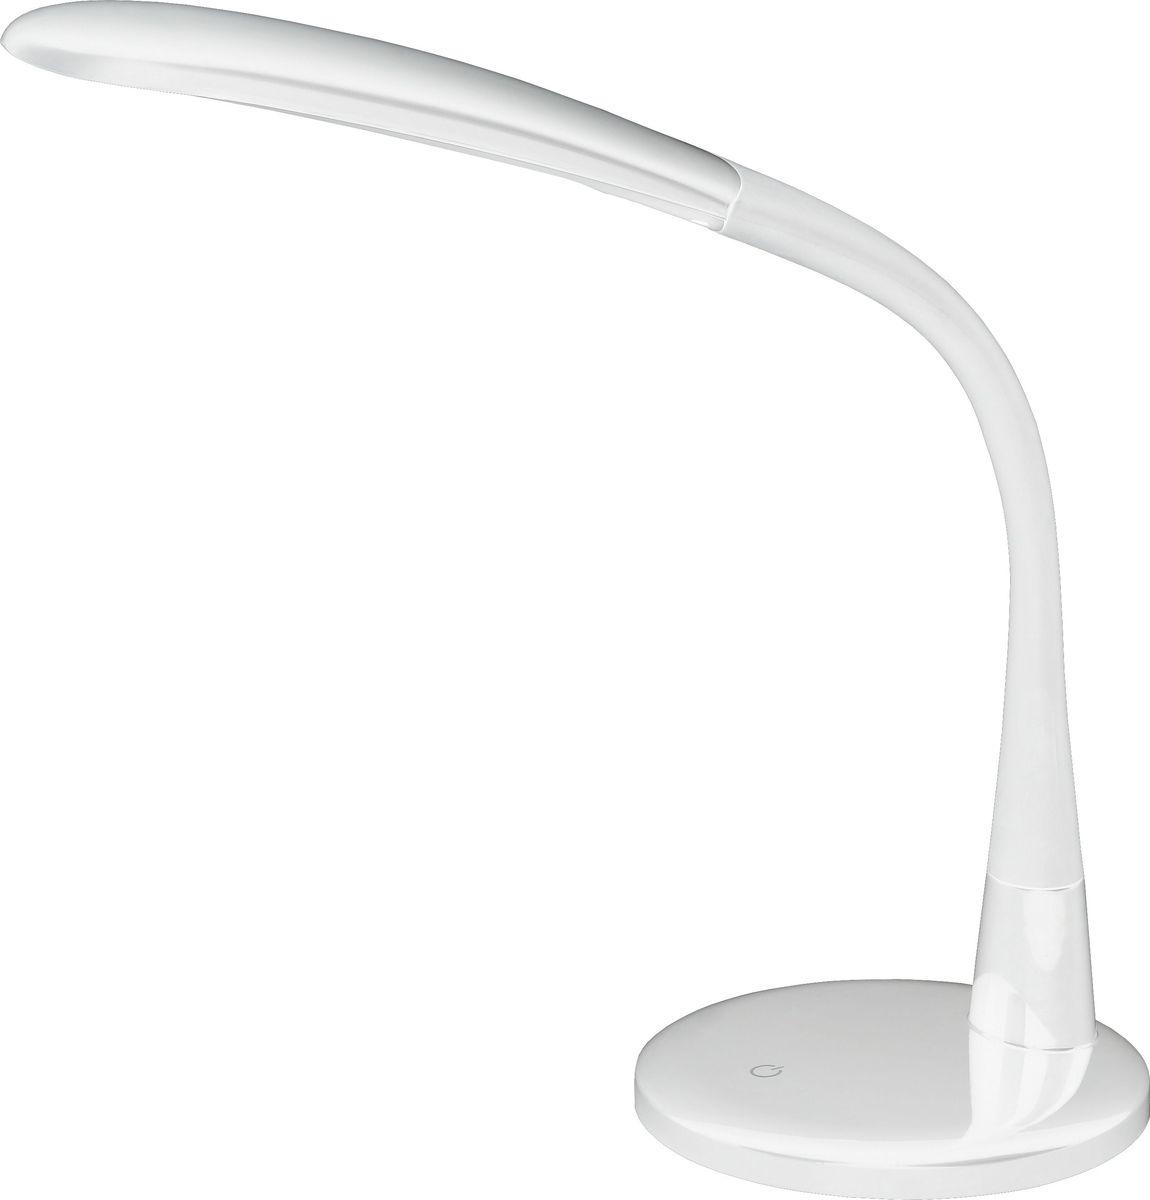 Настольный светильник ЭРА, цвет: белый. NLED-444-7W-WNLED-444-7W-WСветильник со светодиодами (LED) в качестве источников света, которые экономят до 90% электроэнергии и не требуют замены на протяжении всего срока службы светильника. Сенсорный переключатель на основании. Четырехступенчатый диммер для регулировки яркости. Направление света регулируется поворотом плафона в любом направлении под любым углом. Теплый свет, аналогичный свету лампы накаливания - цветовая температура 3000К.